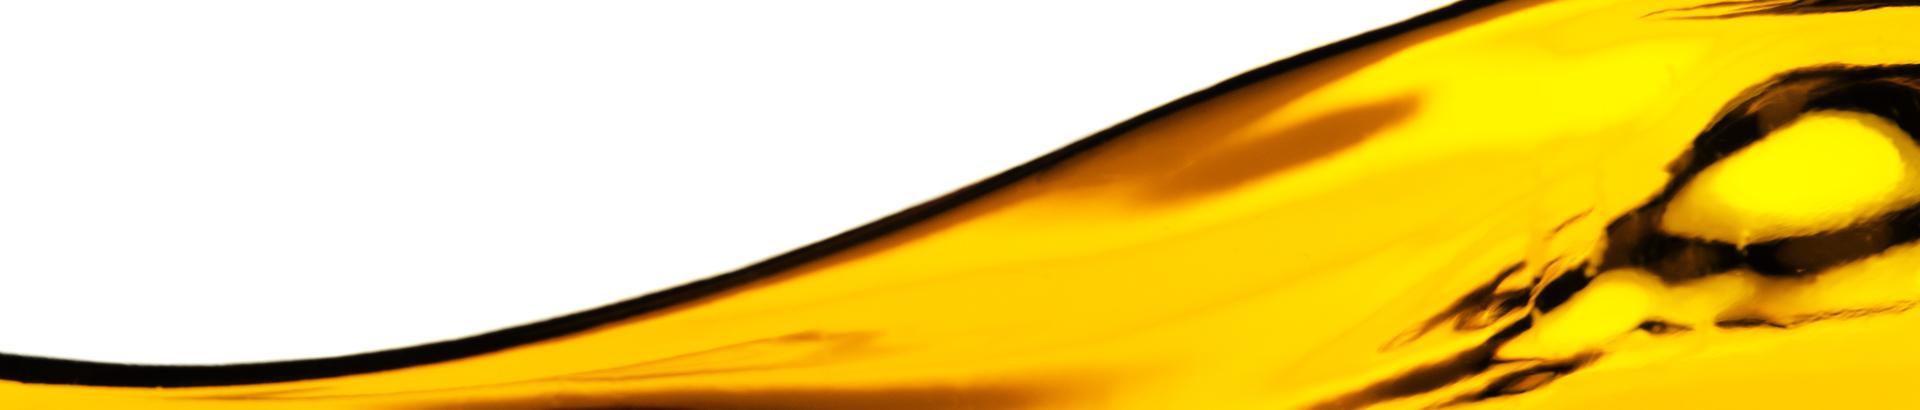 Qu'est-ce qu'une huile?